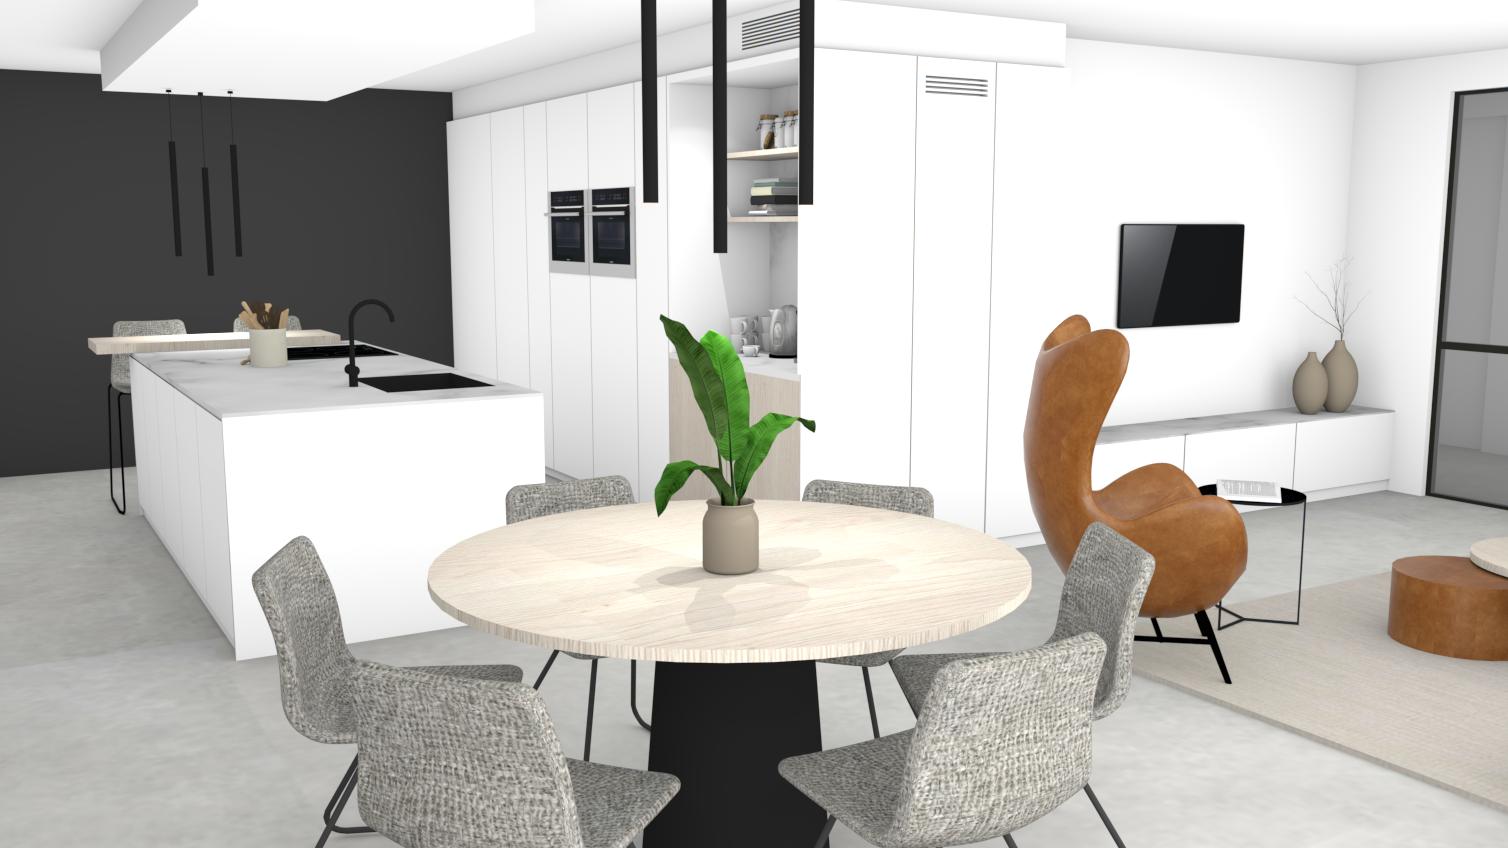 Evolution-interieurwinkel-hasselt-interieur-meubelen-design-3D-visualisatie-eetkamer-eettafel-familie-b